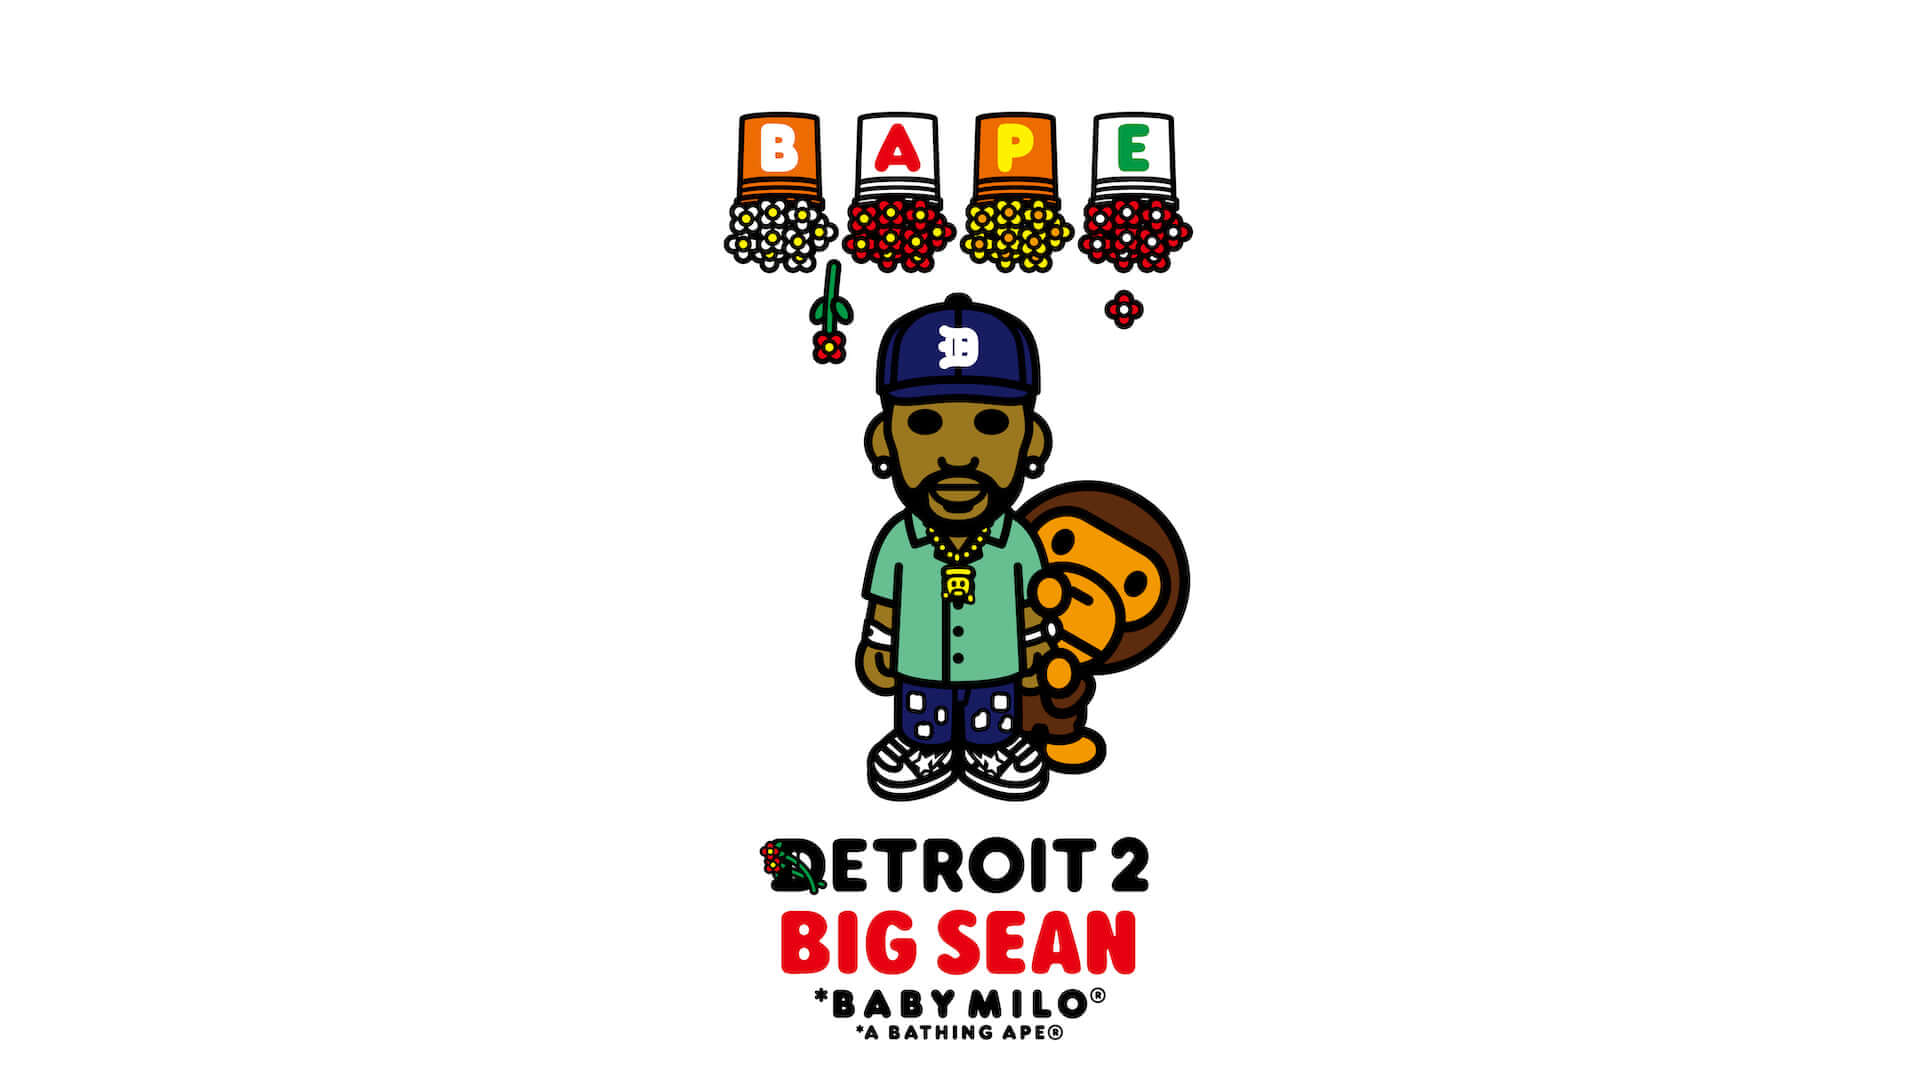 Big SeanとA BATHING APE(R)による最新コラボTシャツが発売決定!アルバム『DETROIT 2』のアートワークがBABY MILO(R)スタイルに lf210113_bape-bigsean_5-1920x1080